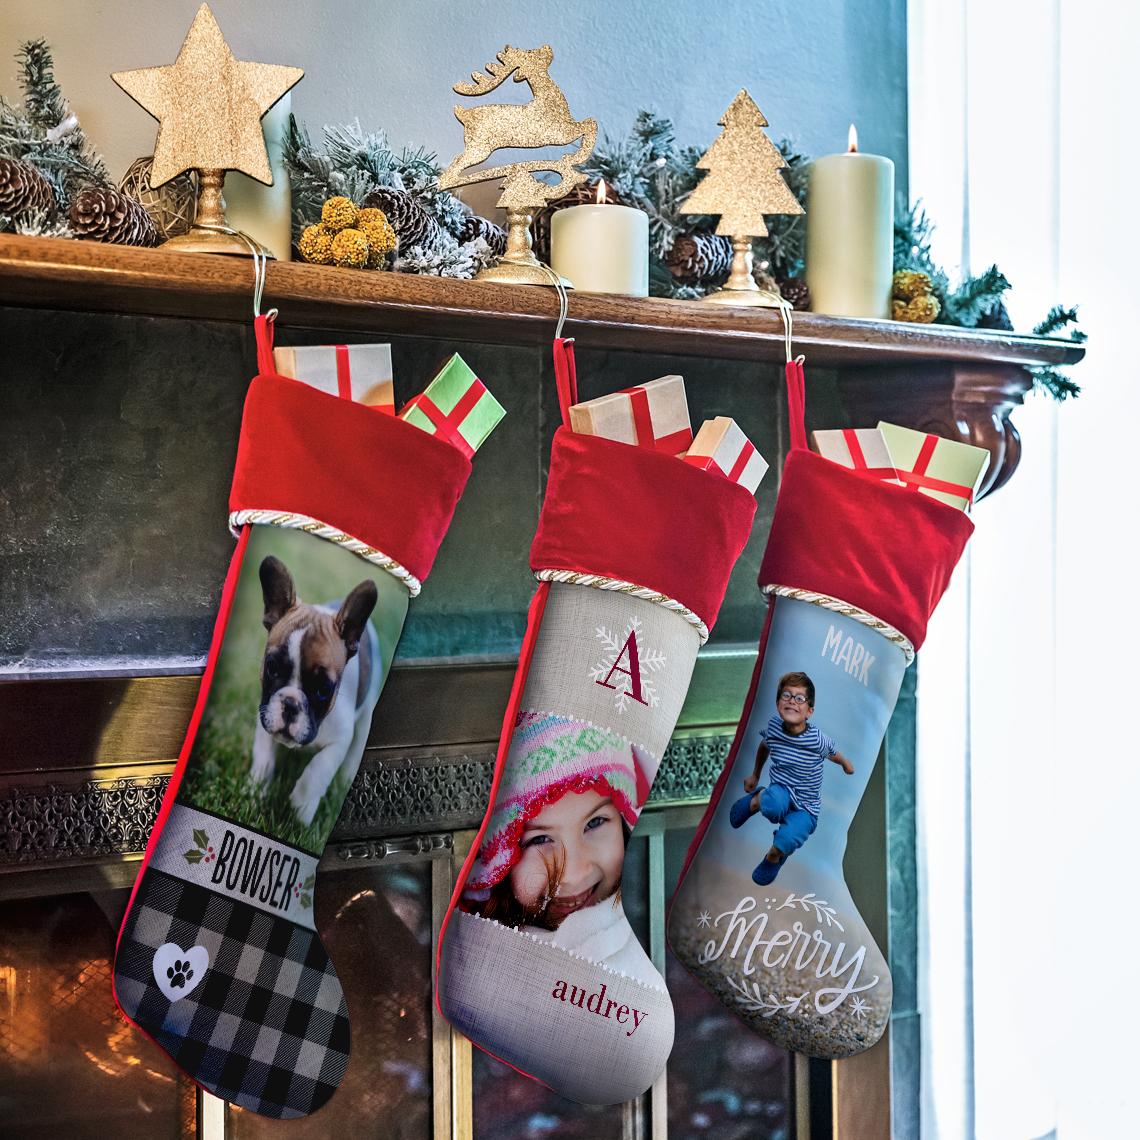 Christmas Stocking Christmas Ornaments And Decor Gifts Snapfish Us